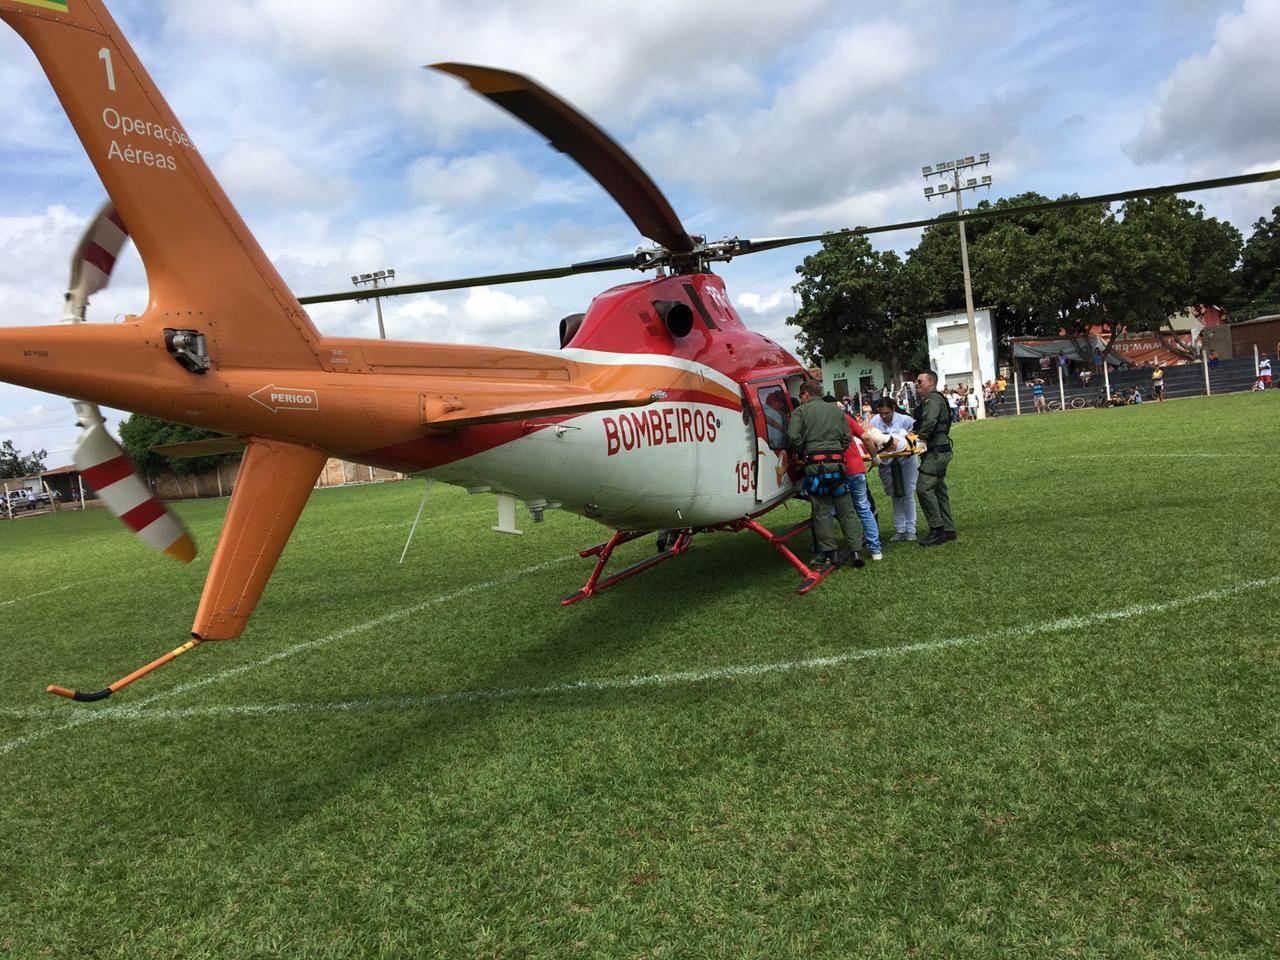 Helicóptero Bombeiro 1 levou a vítima de Bonfinópolis para Goiânia | Foto: divulgação